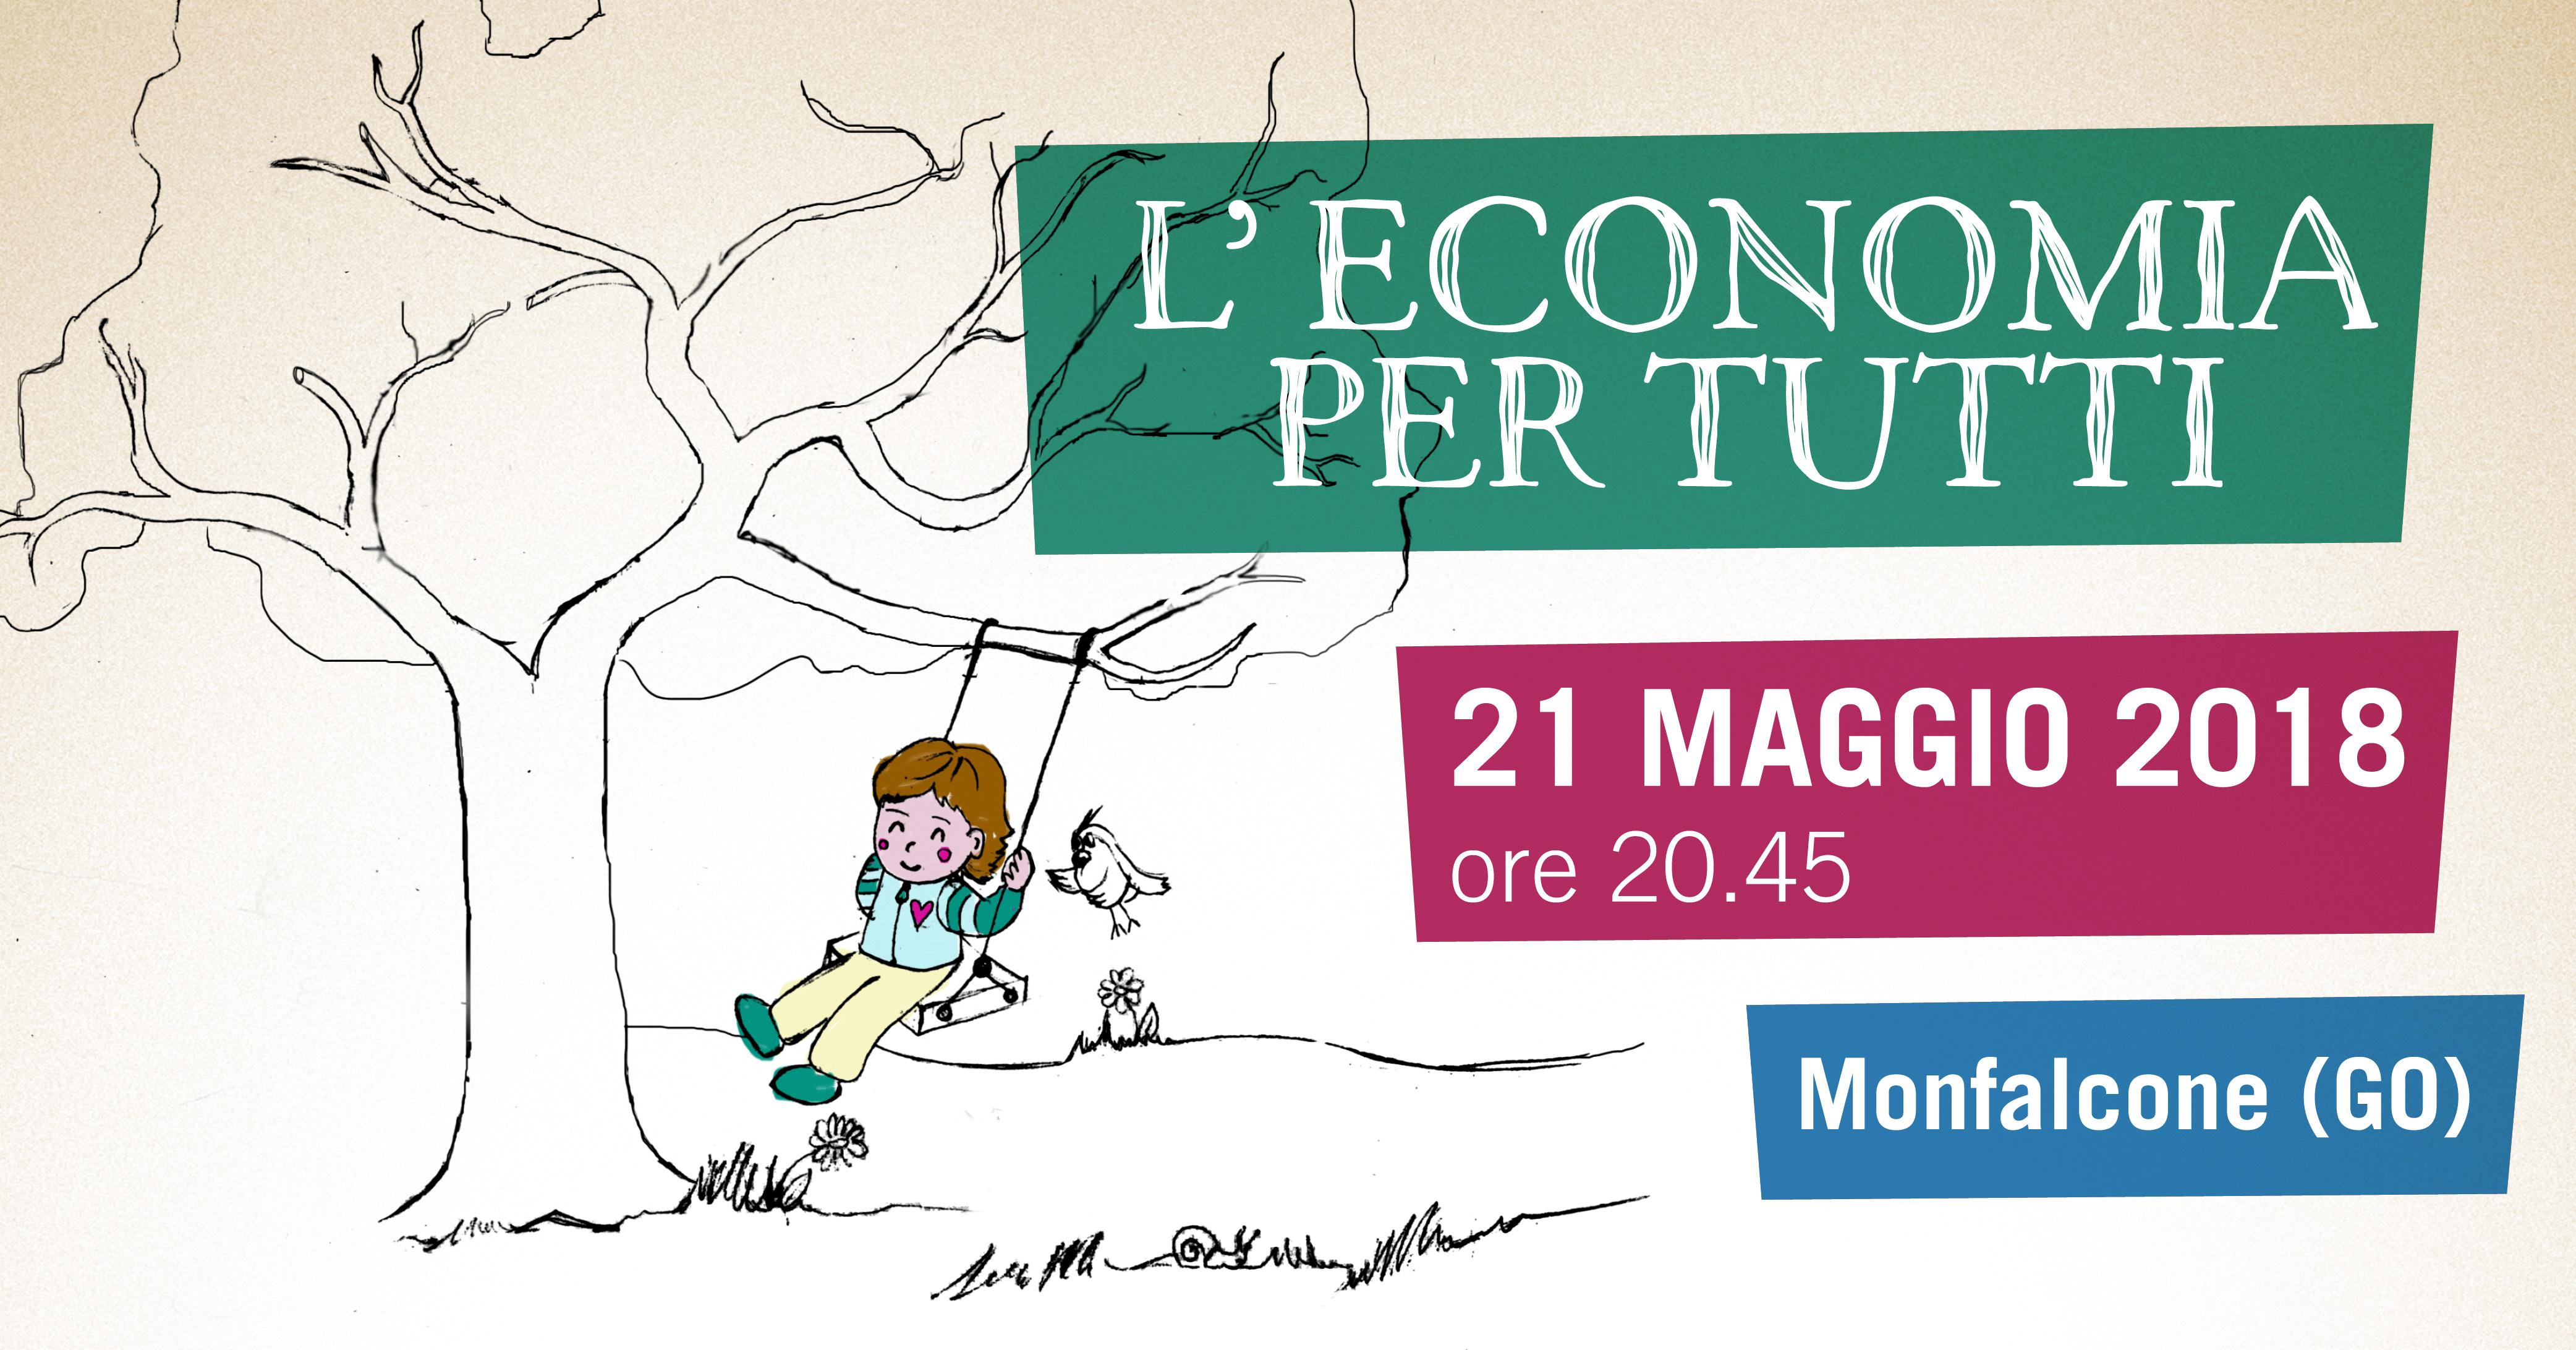 L'economia per tutti